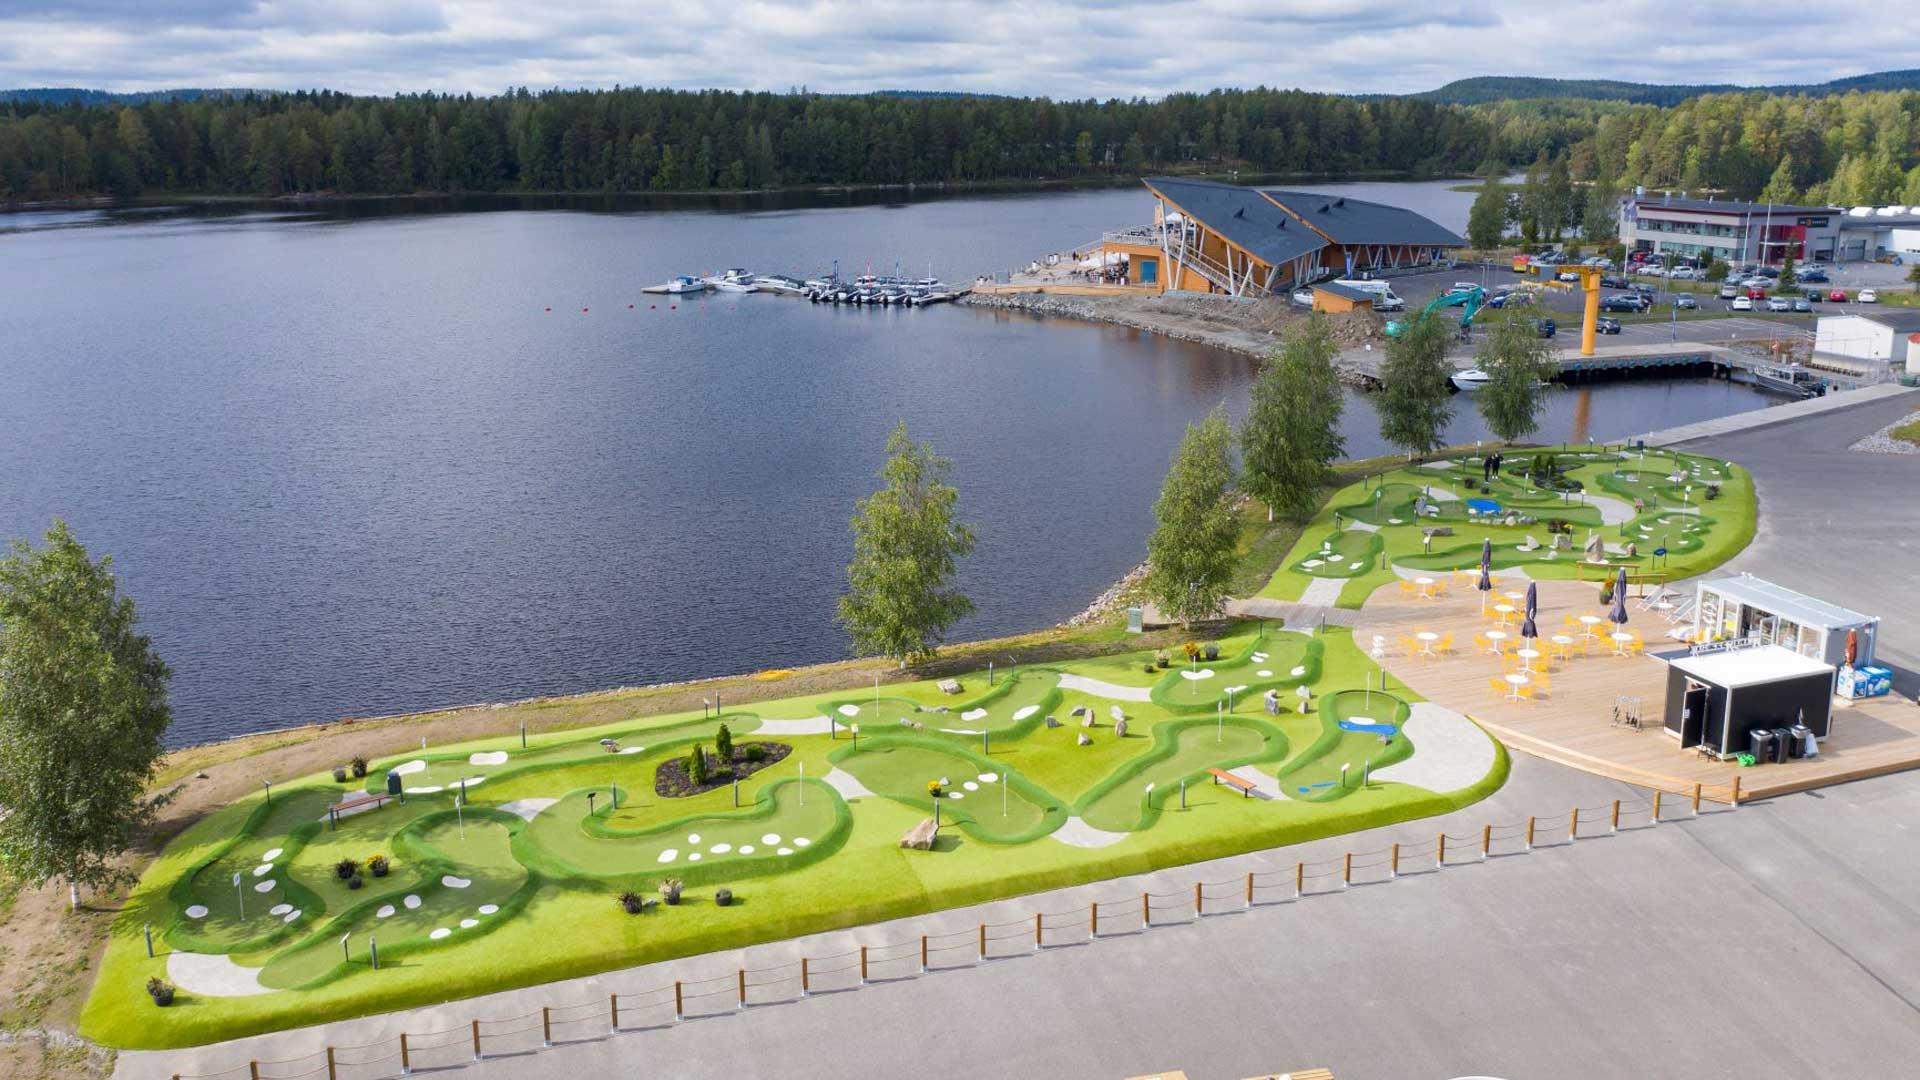 Bellanpuistoon minigolfin MM-kisat kesällä 2021